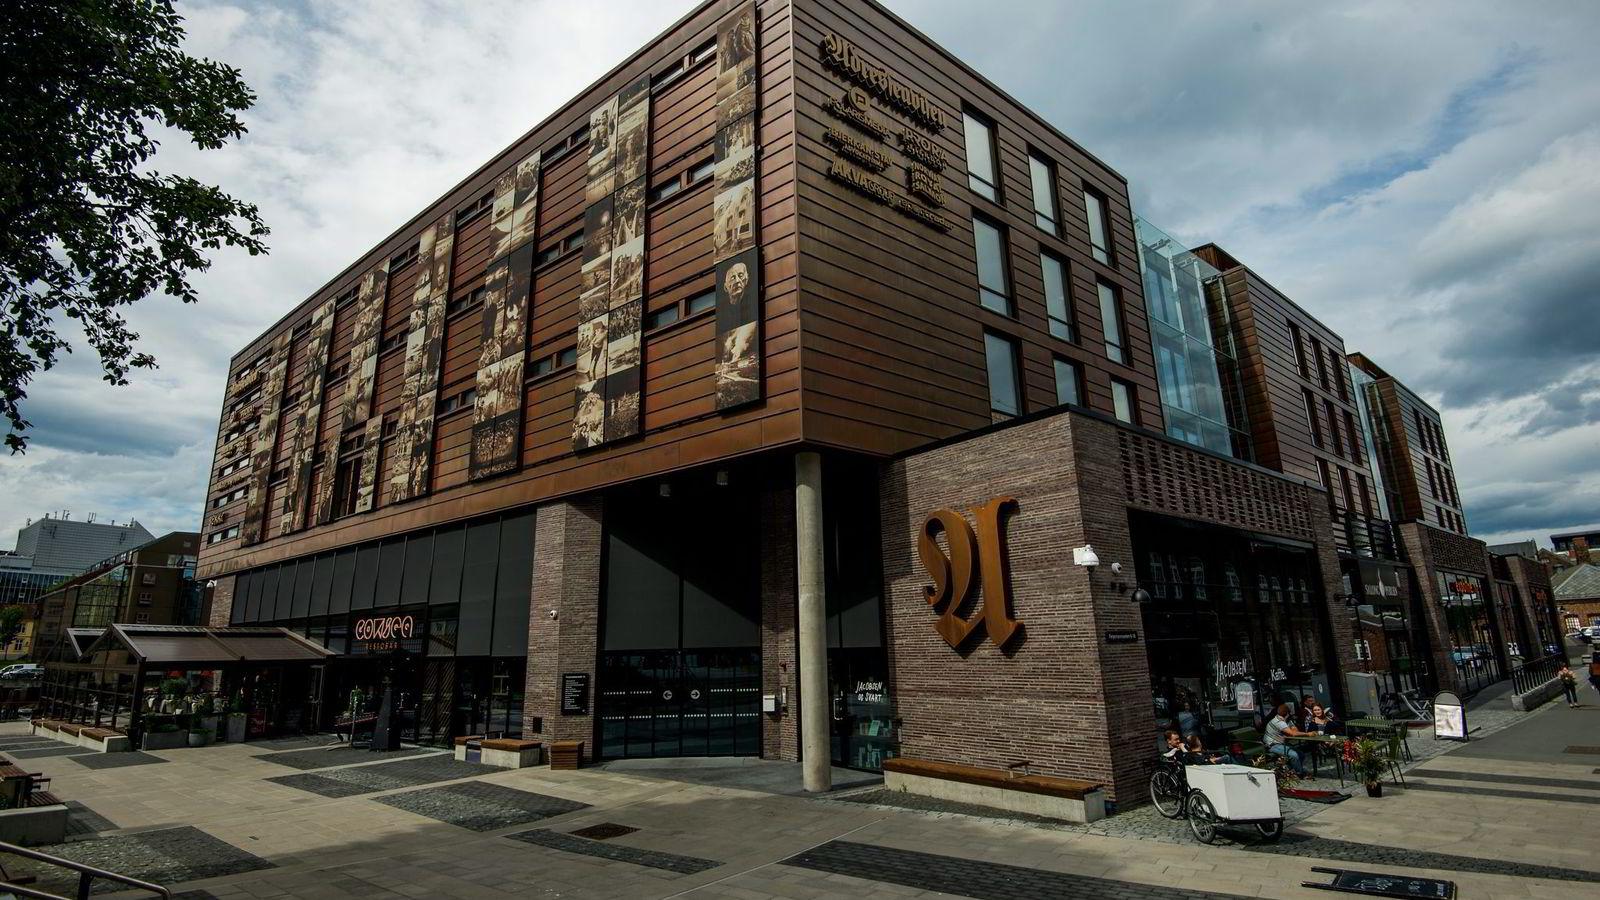 Adresseavisens hovedkontor i Trondheim er ett av prestisjebyggene til Prora-systemet. Nå etterforsker politiet om de reelle verdiene i selskapet kan ha blitt blåst opp.